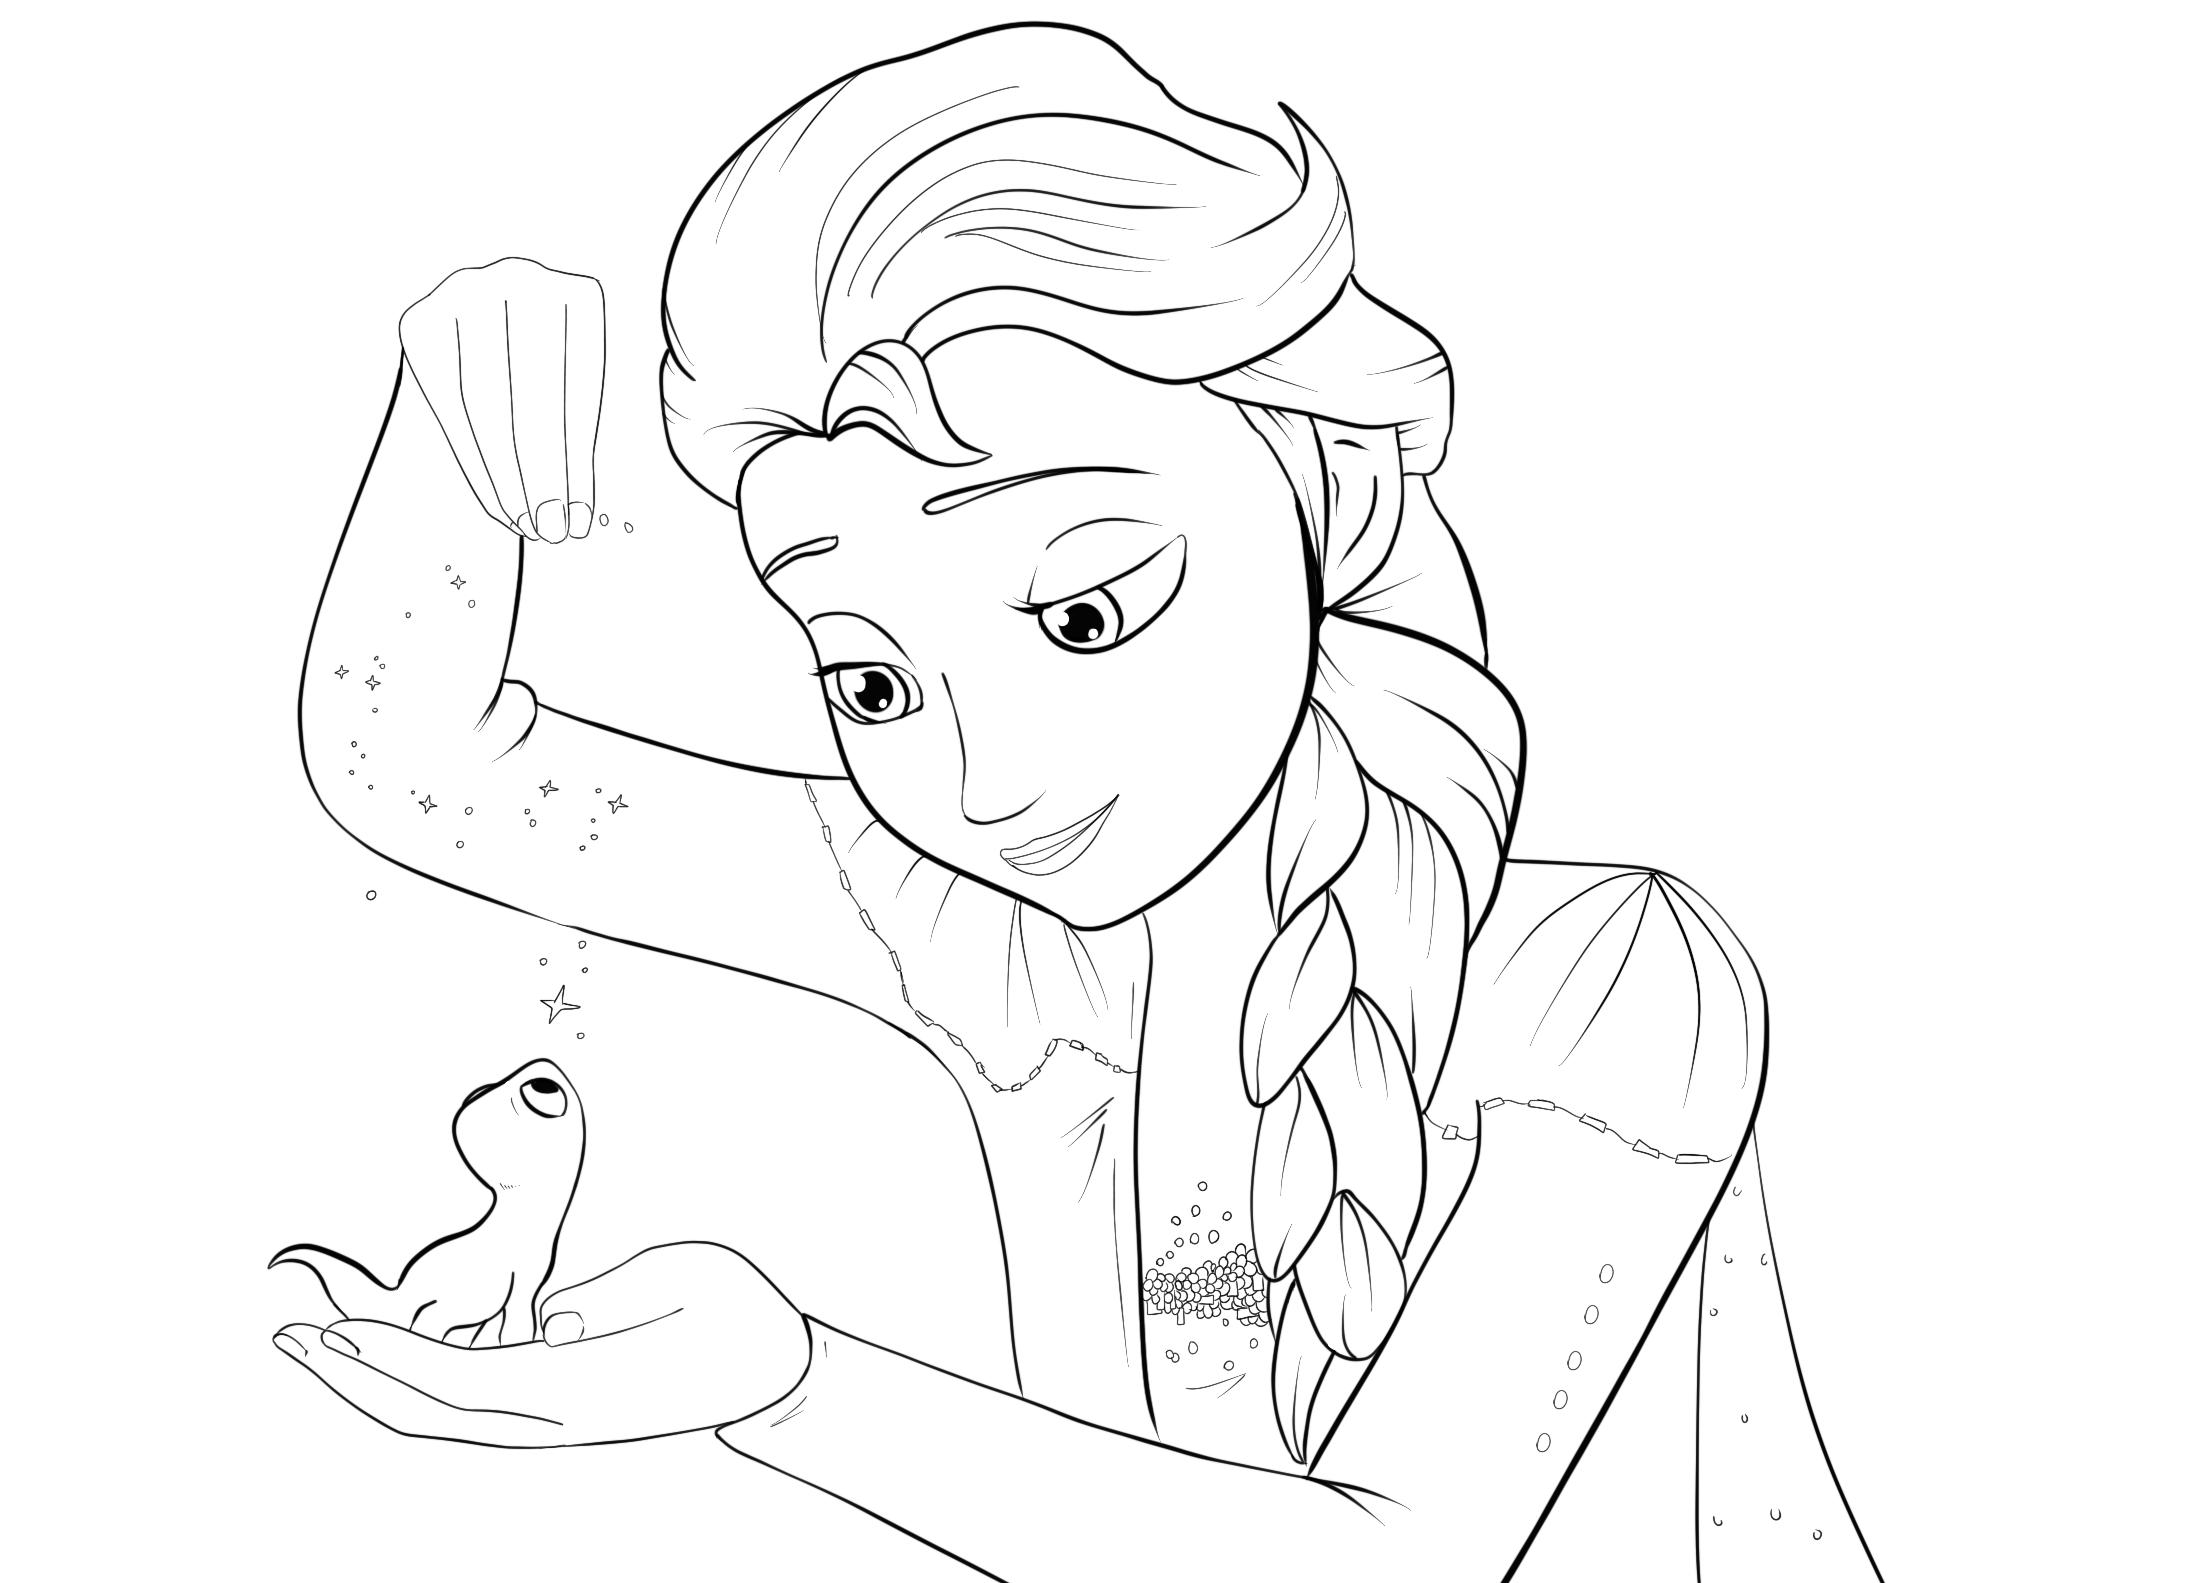 Tranh tô màu công cháu Elsa dễ thương